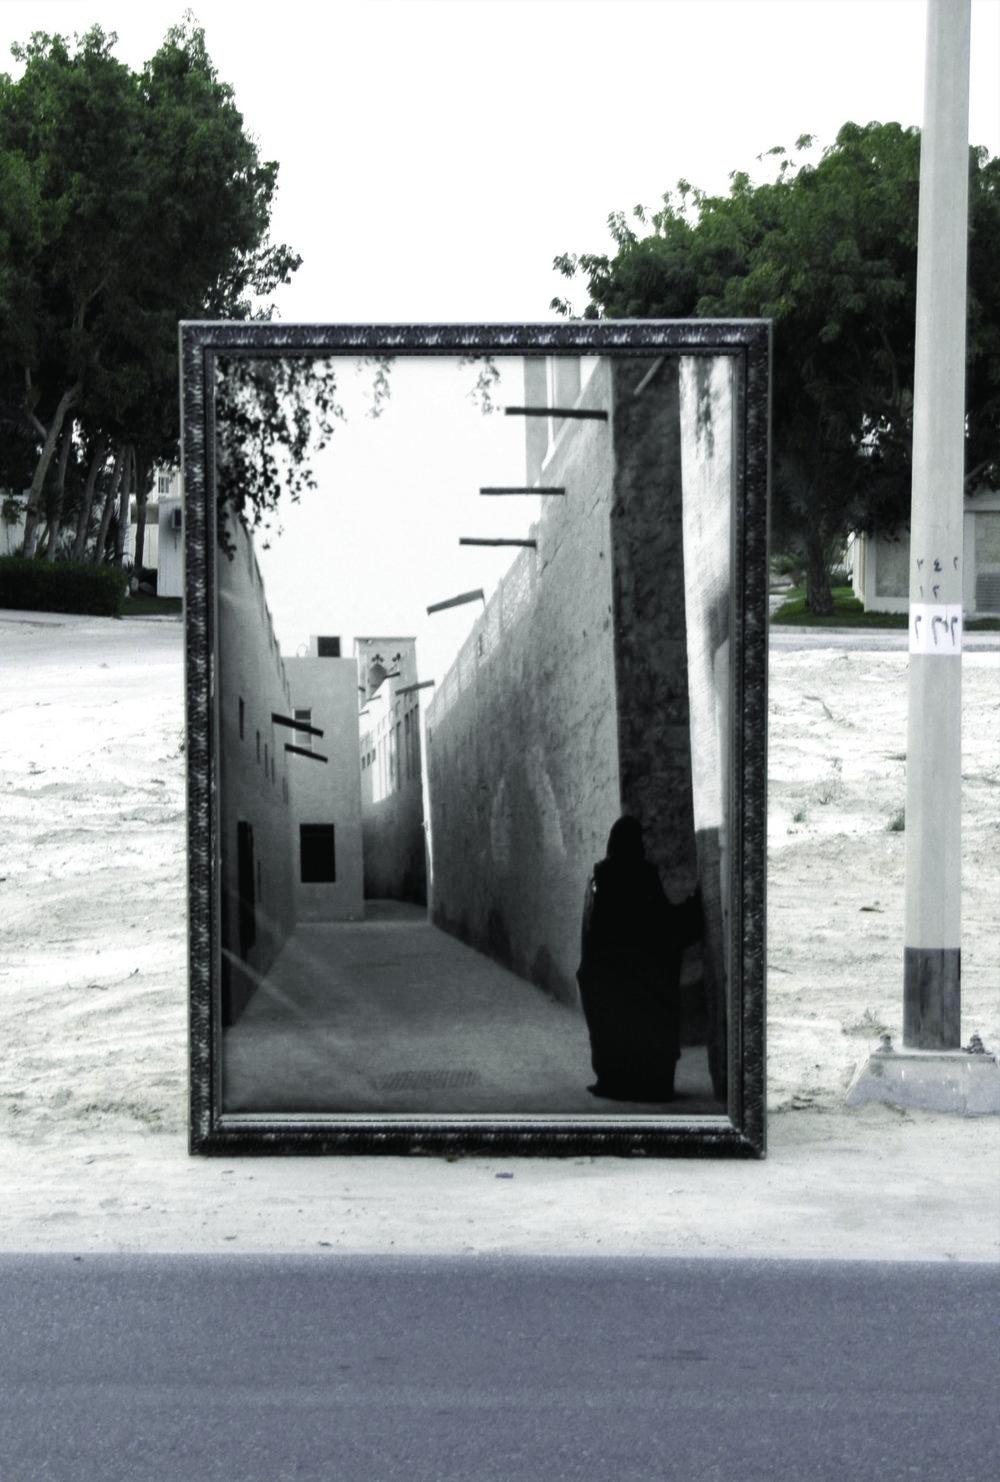 Frame 2, Photography, Reem Al Ghaith